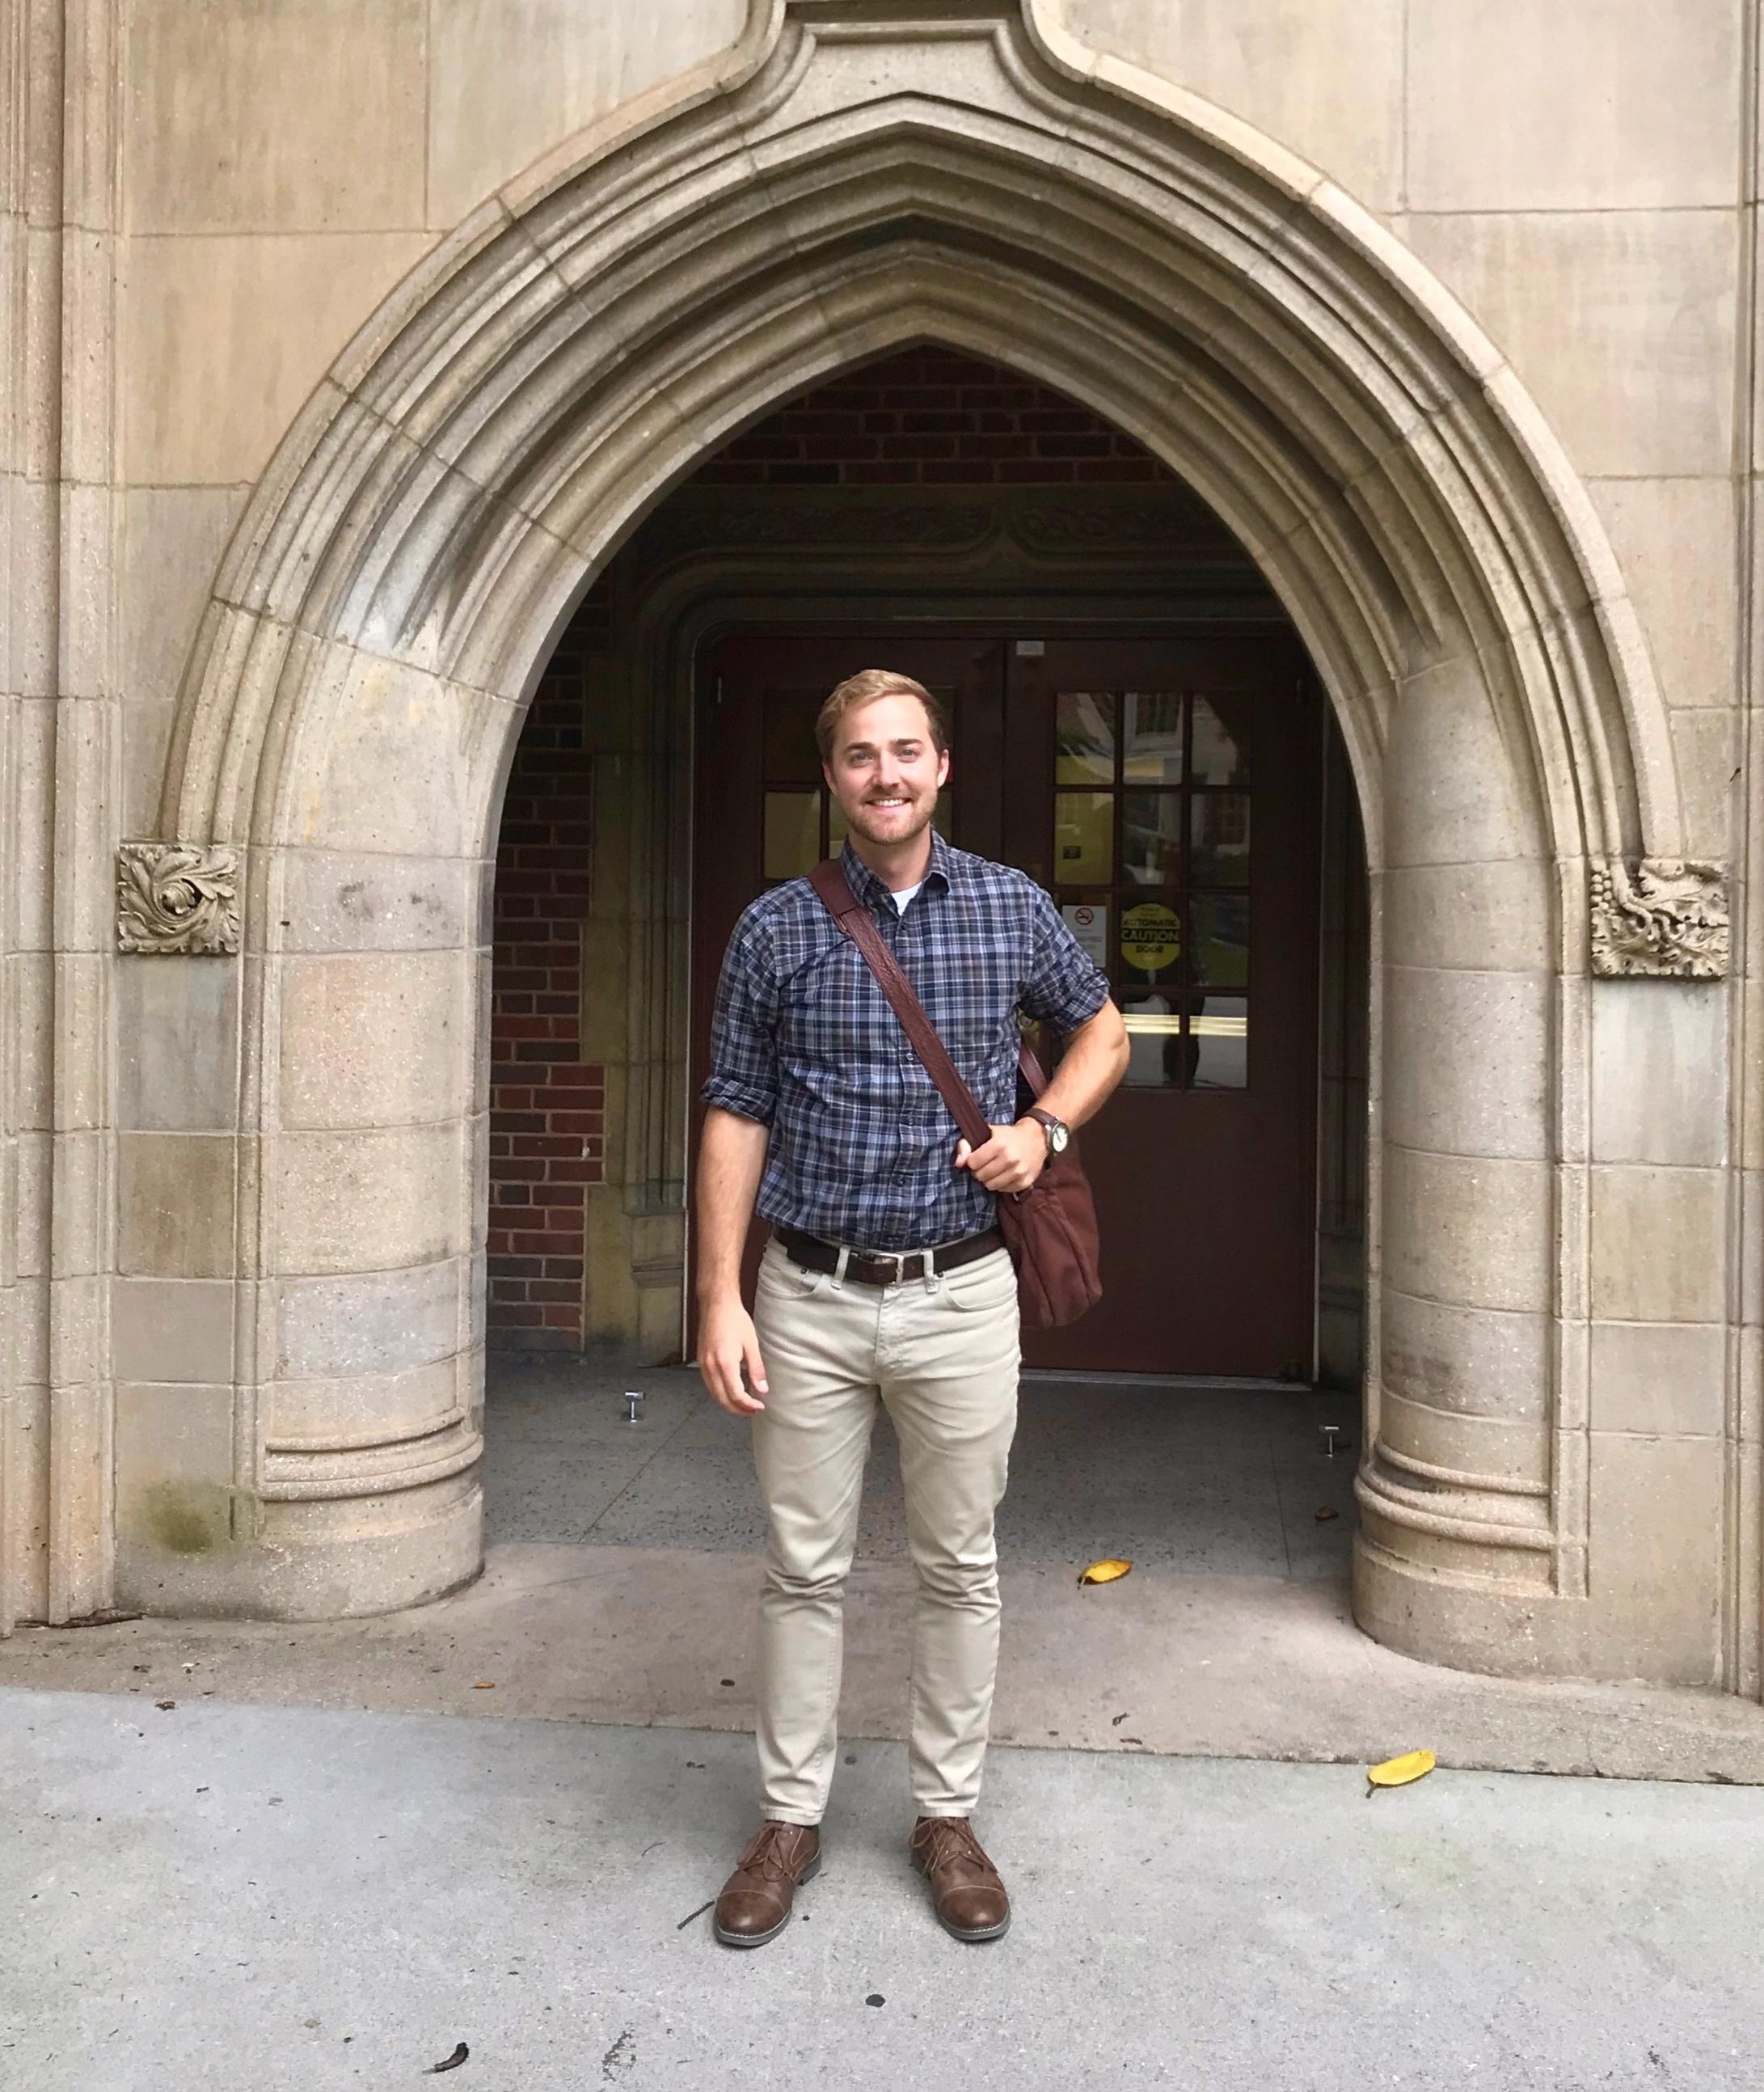 Elliot S. Spengler - Member, Doctoral Student, Counseling Psychology